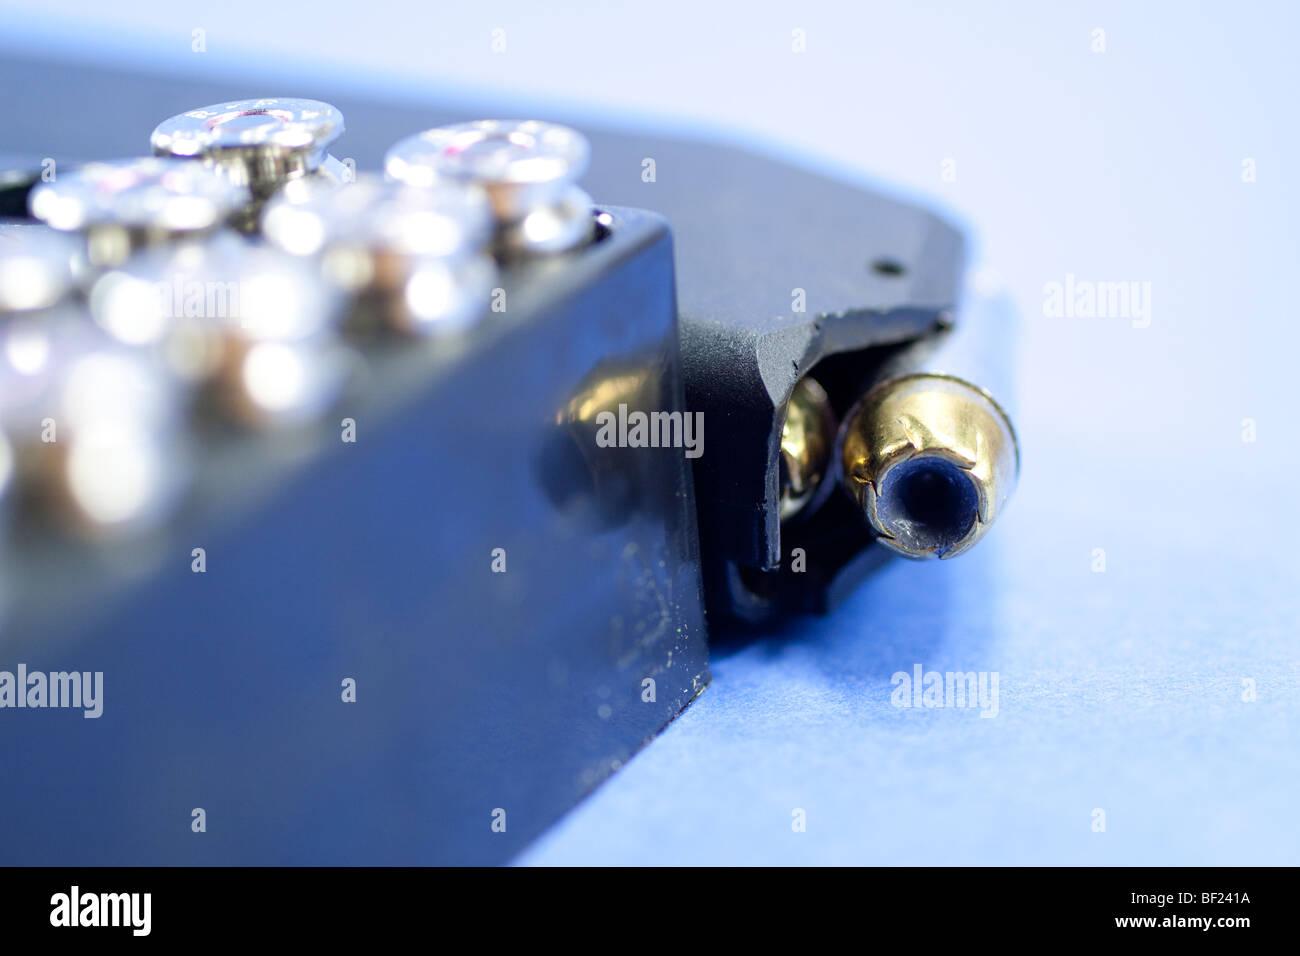 Ammunition and Glock .40 caliber high-capacity magazine. - Stock Image